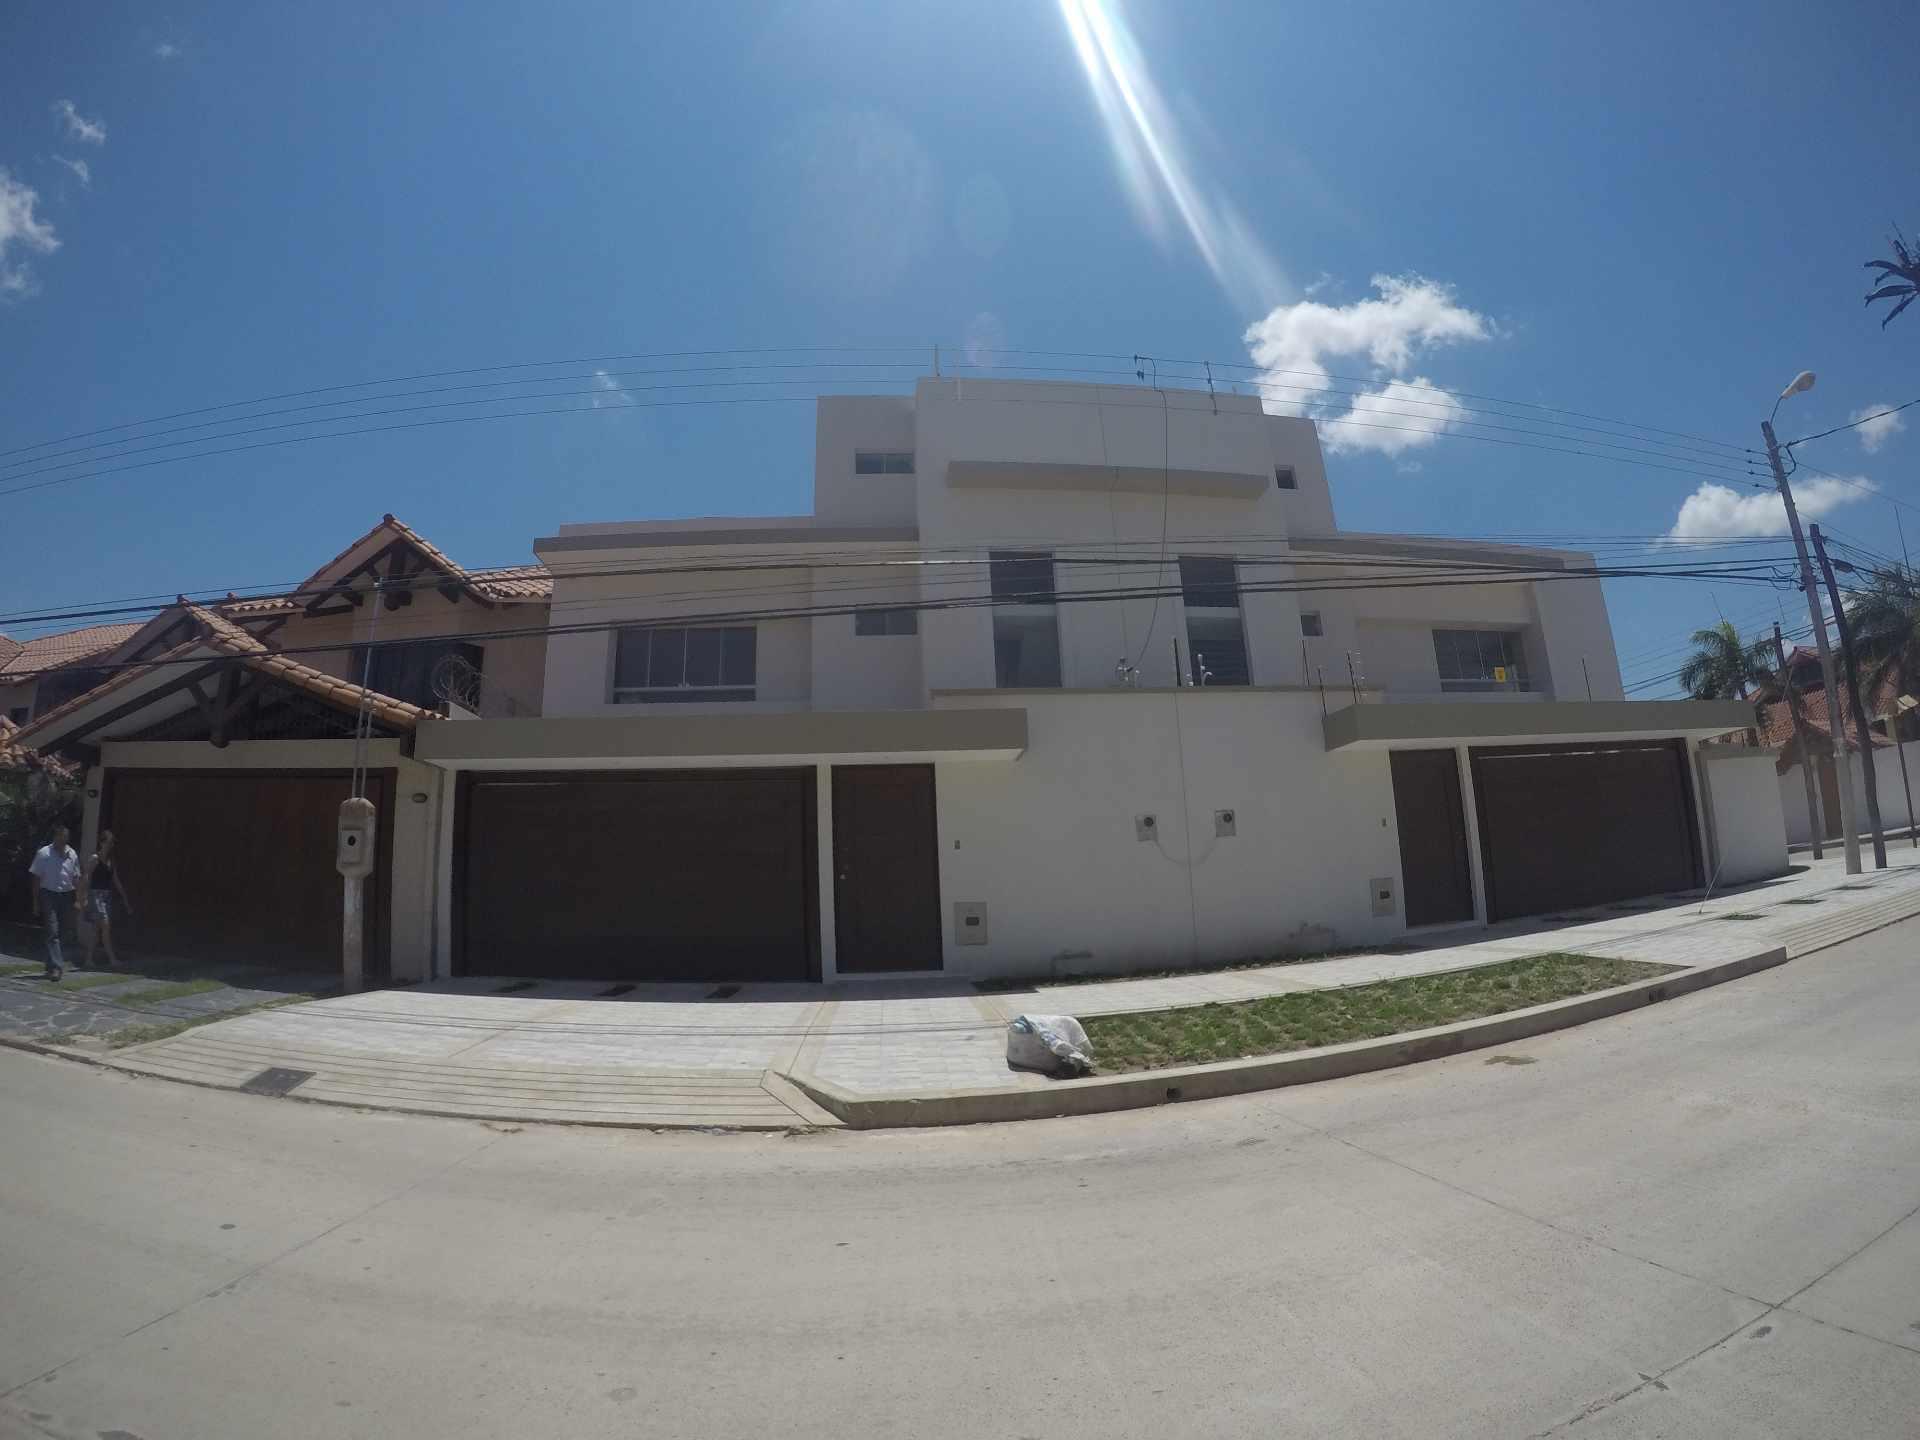 Casa en Alquiler Casa independiente en alquiler a estrenar, próximo a Parque Los Mangales II [Av. Beni y 4to. Anillo], De 3 plantas, 3 dormitorios (2 en suite), con dependencias. [1000$us.] Foto 1